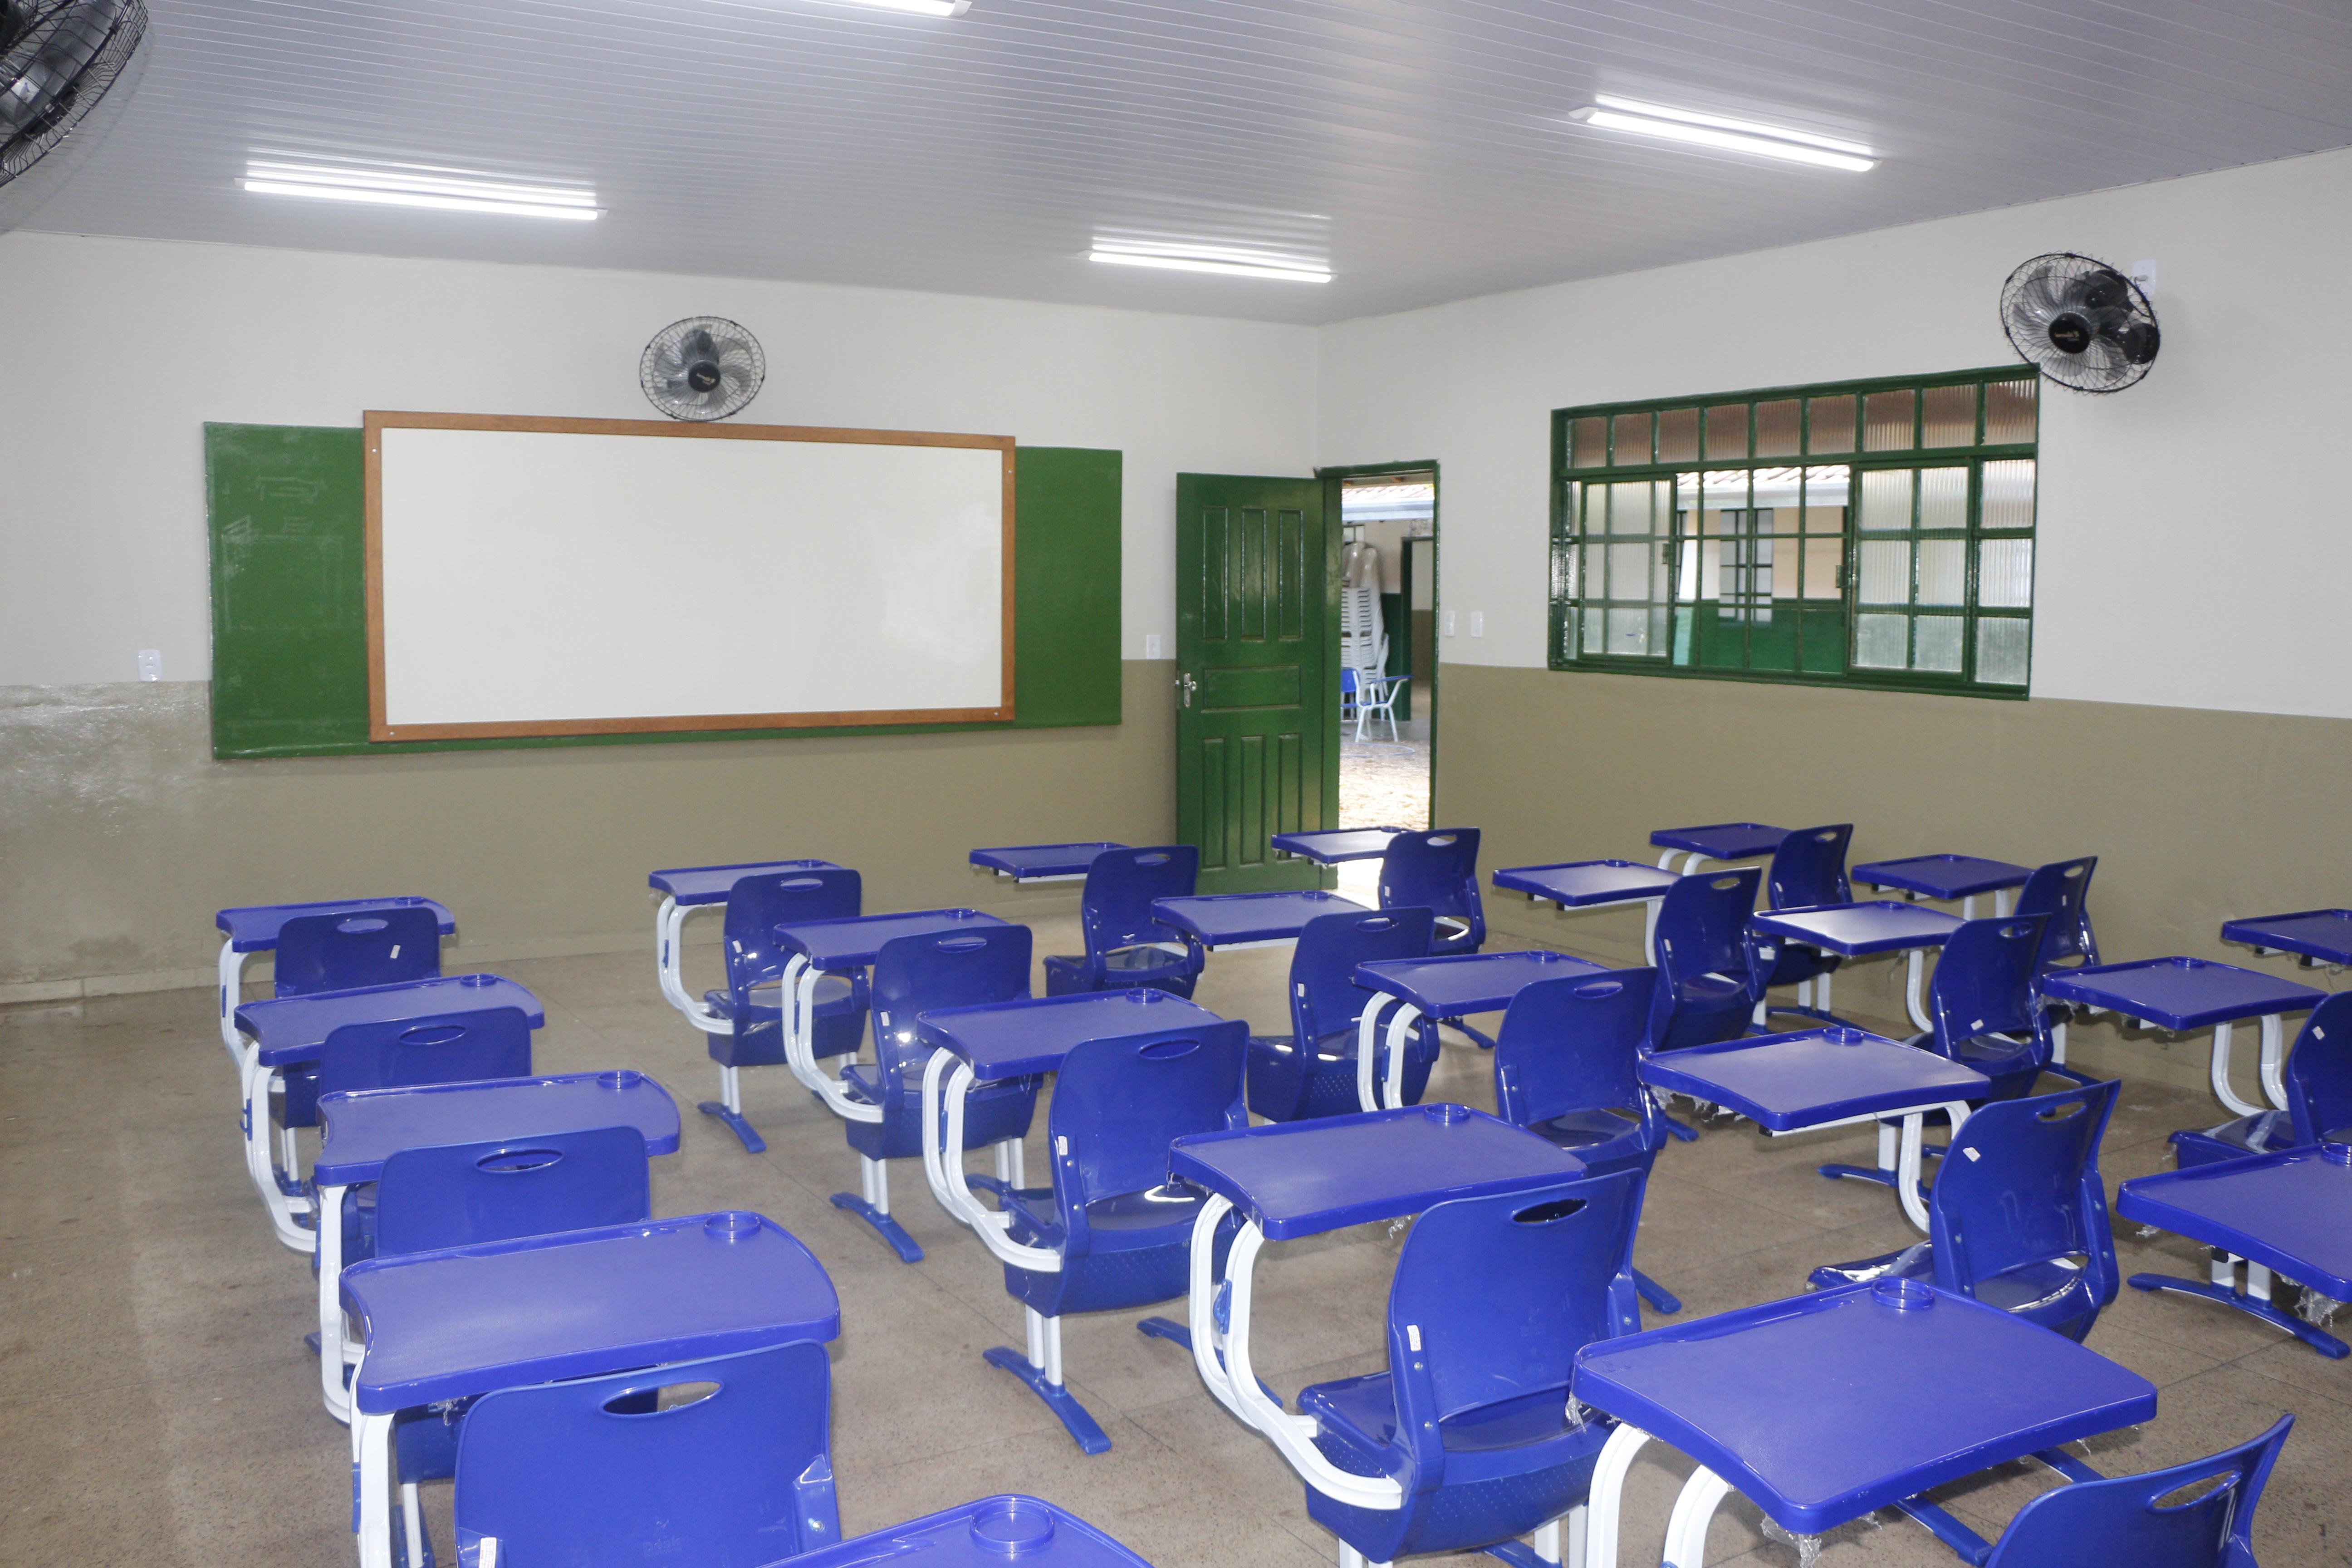 EDUCAÇÃO: APÓS REFORMA, ESCOLA PAULO UMBELINO EM MORADA NOVA É REINAUGURADA NESTA SEXTA-FEIRA